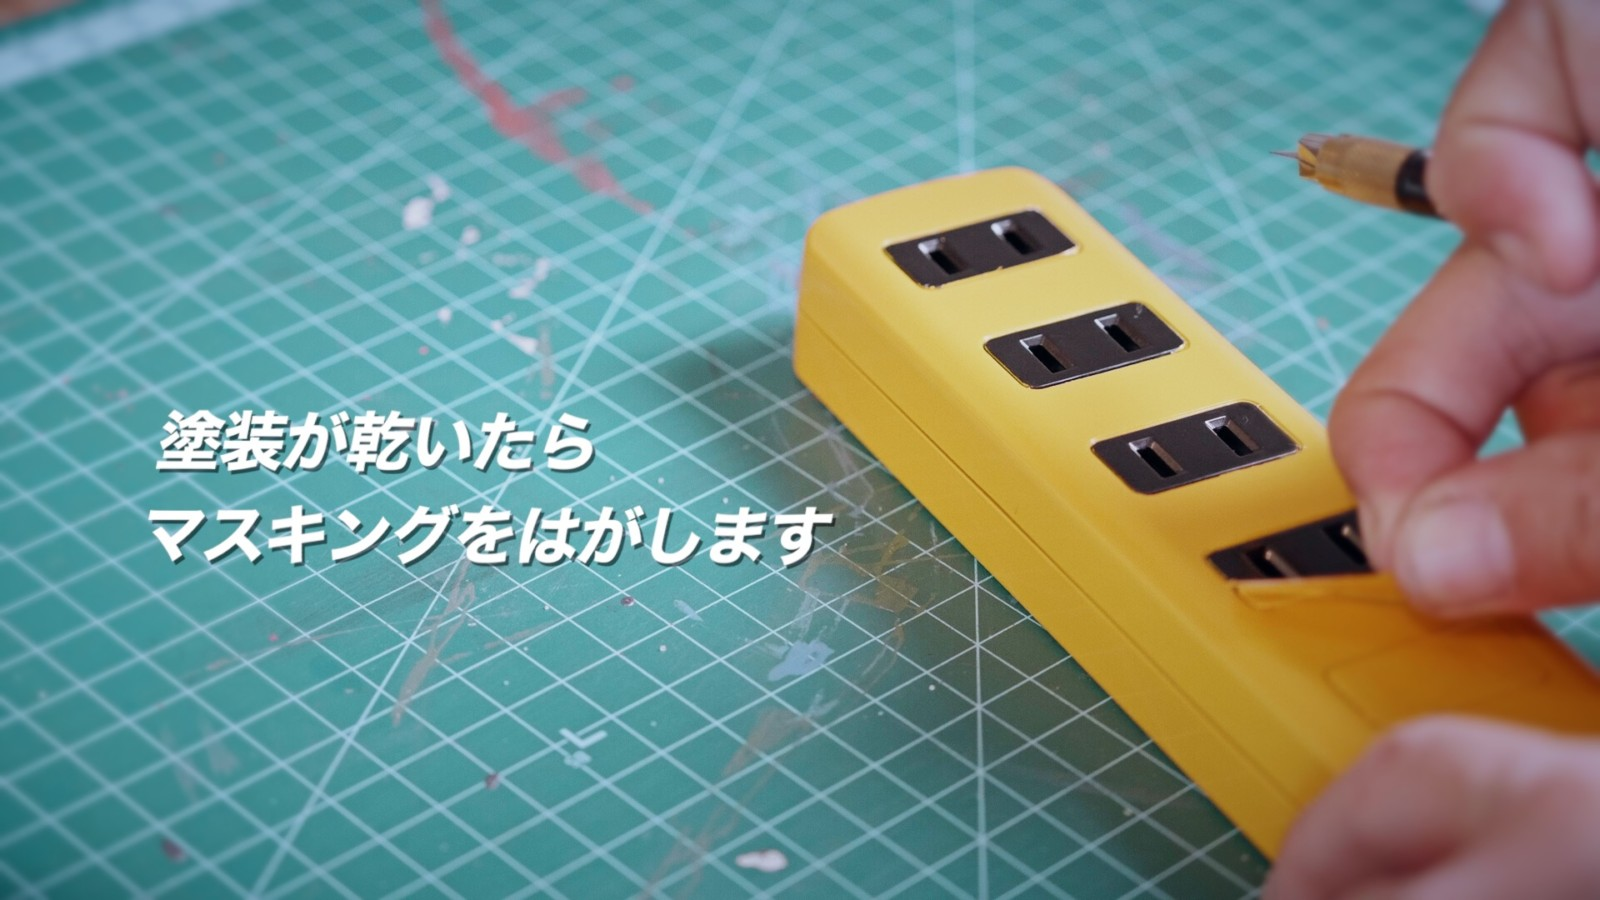 電源タップをインダストリアルにリメイク